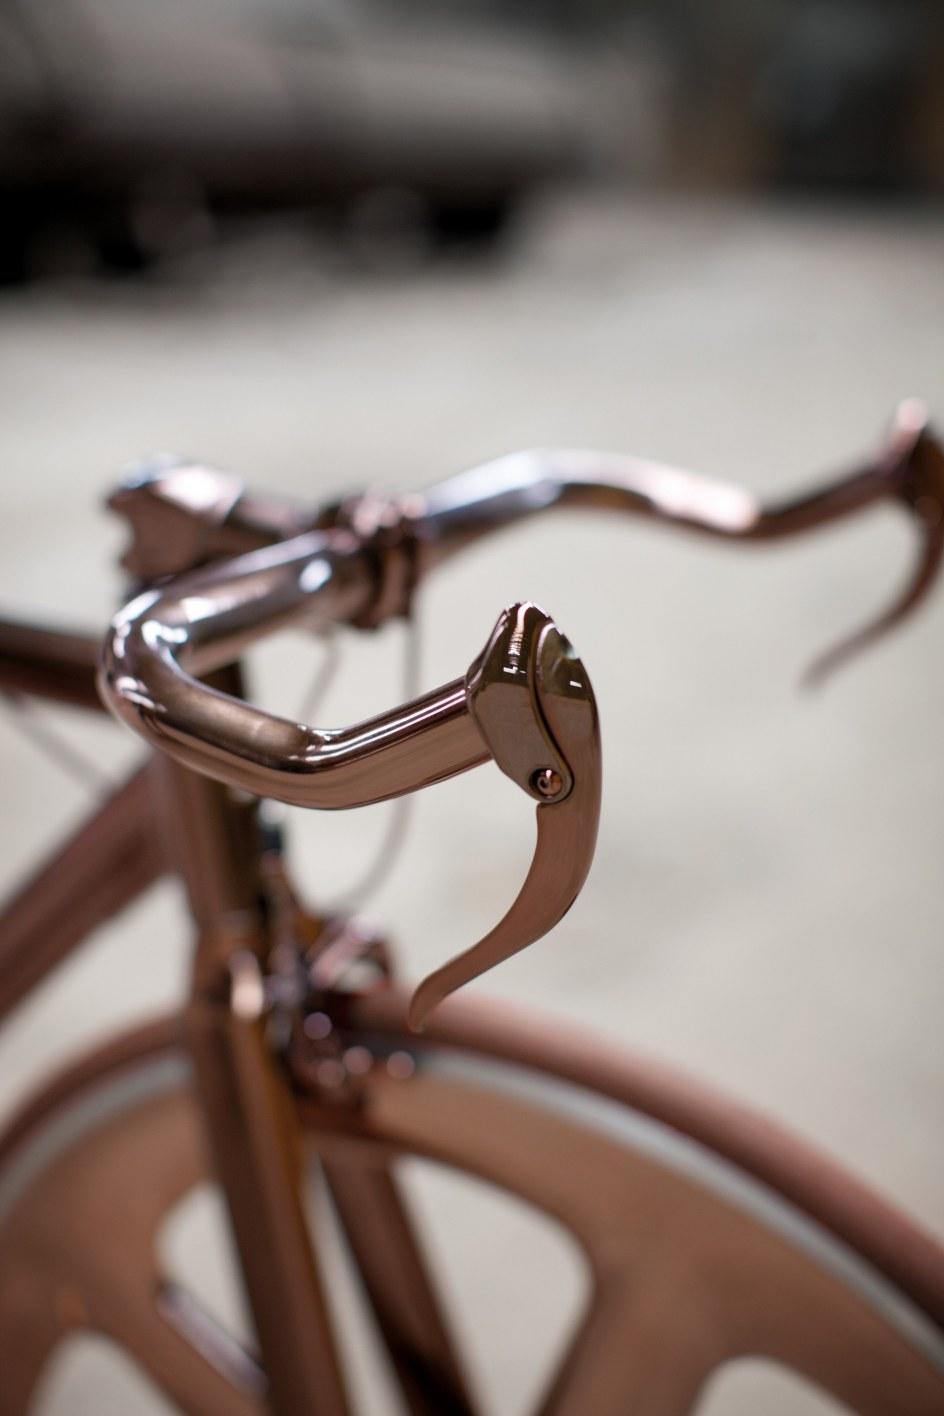 Detalle del manillar de la bicicleta DLS121 de Peugeot.